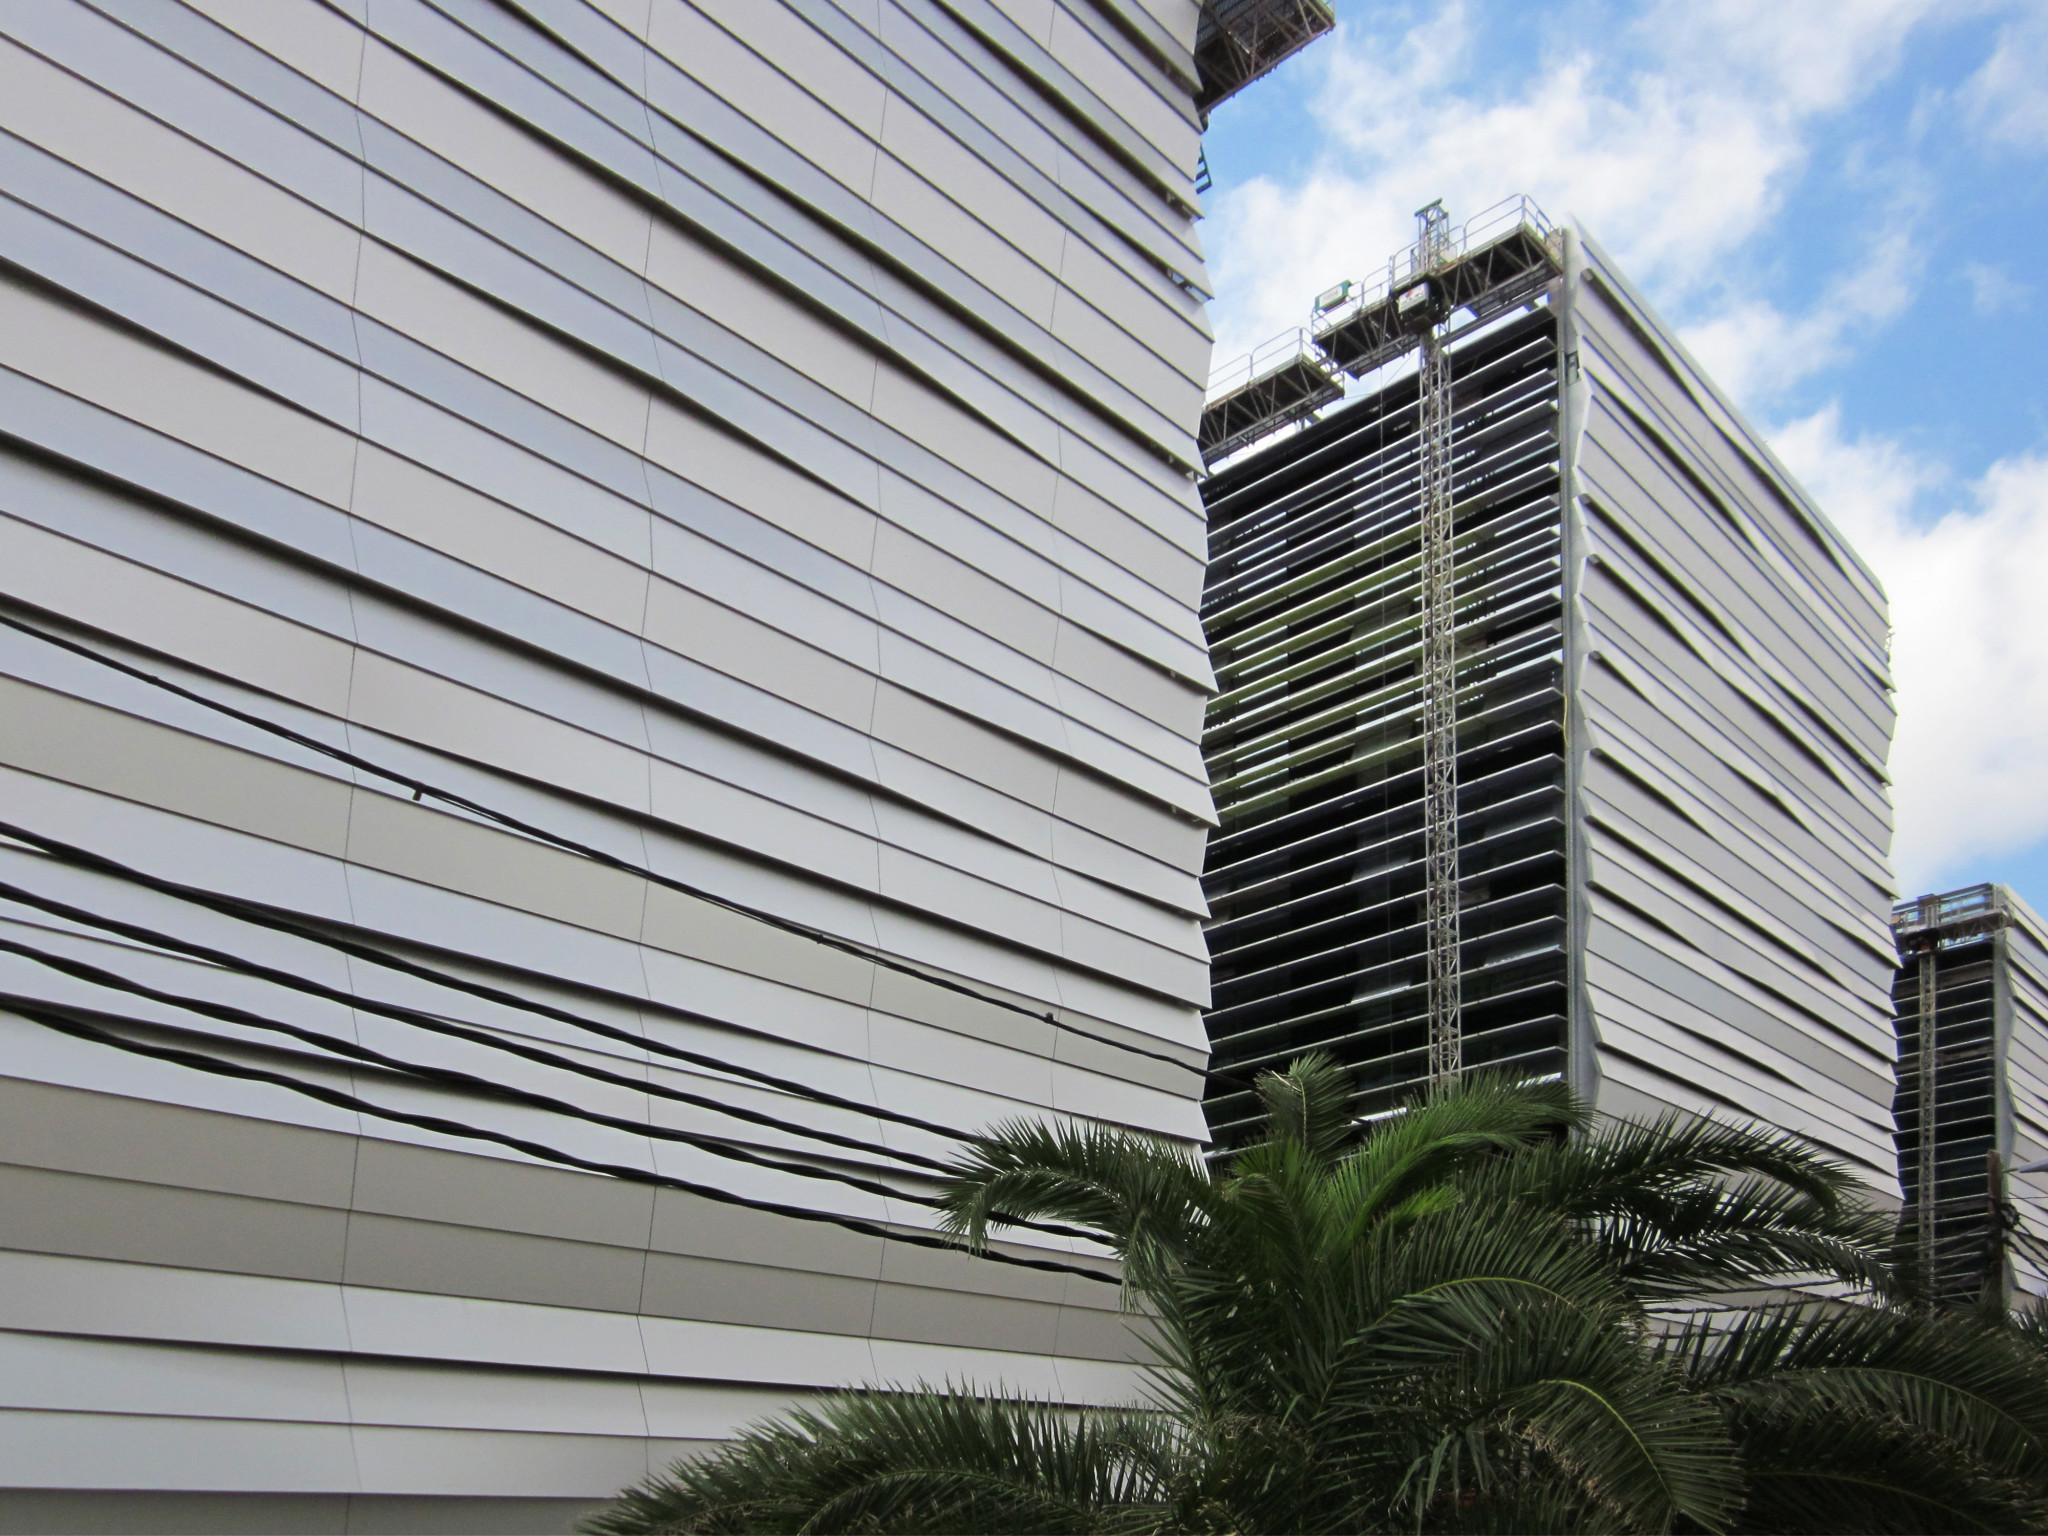 Fachada_lamas_Ciudad Judicial de Las Palmas Riventi (12)